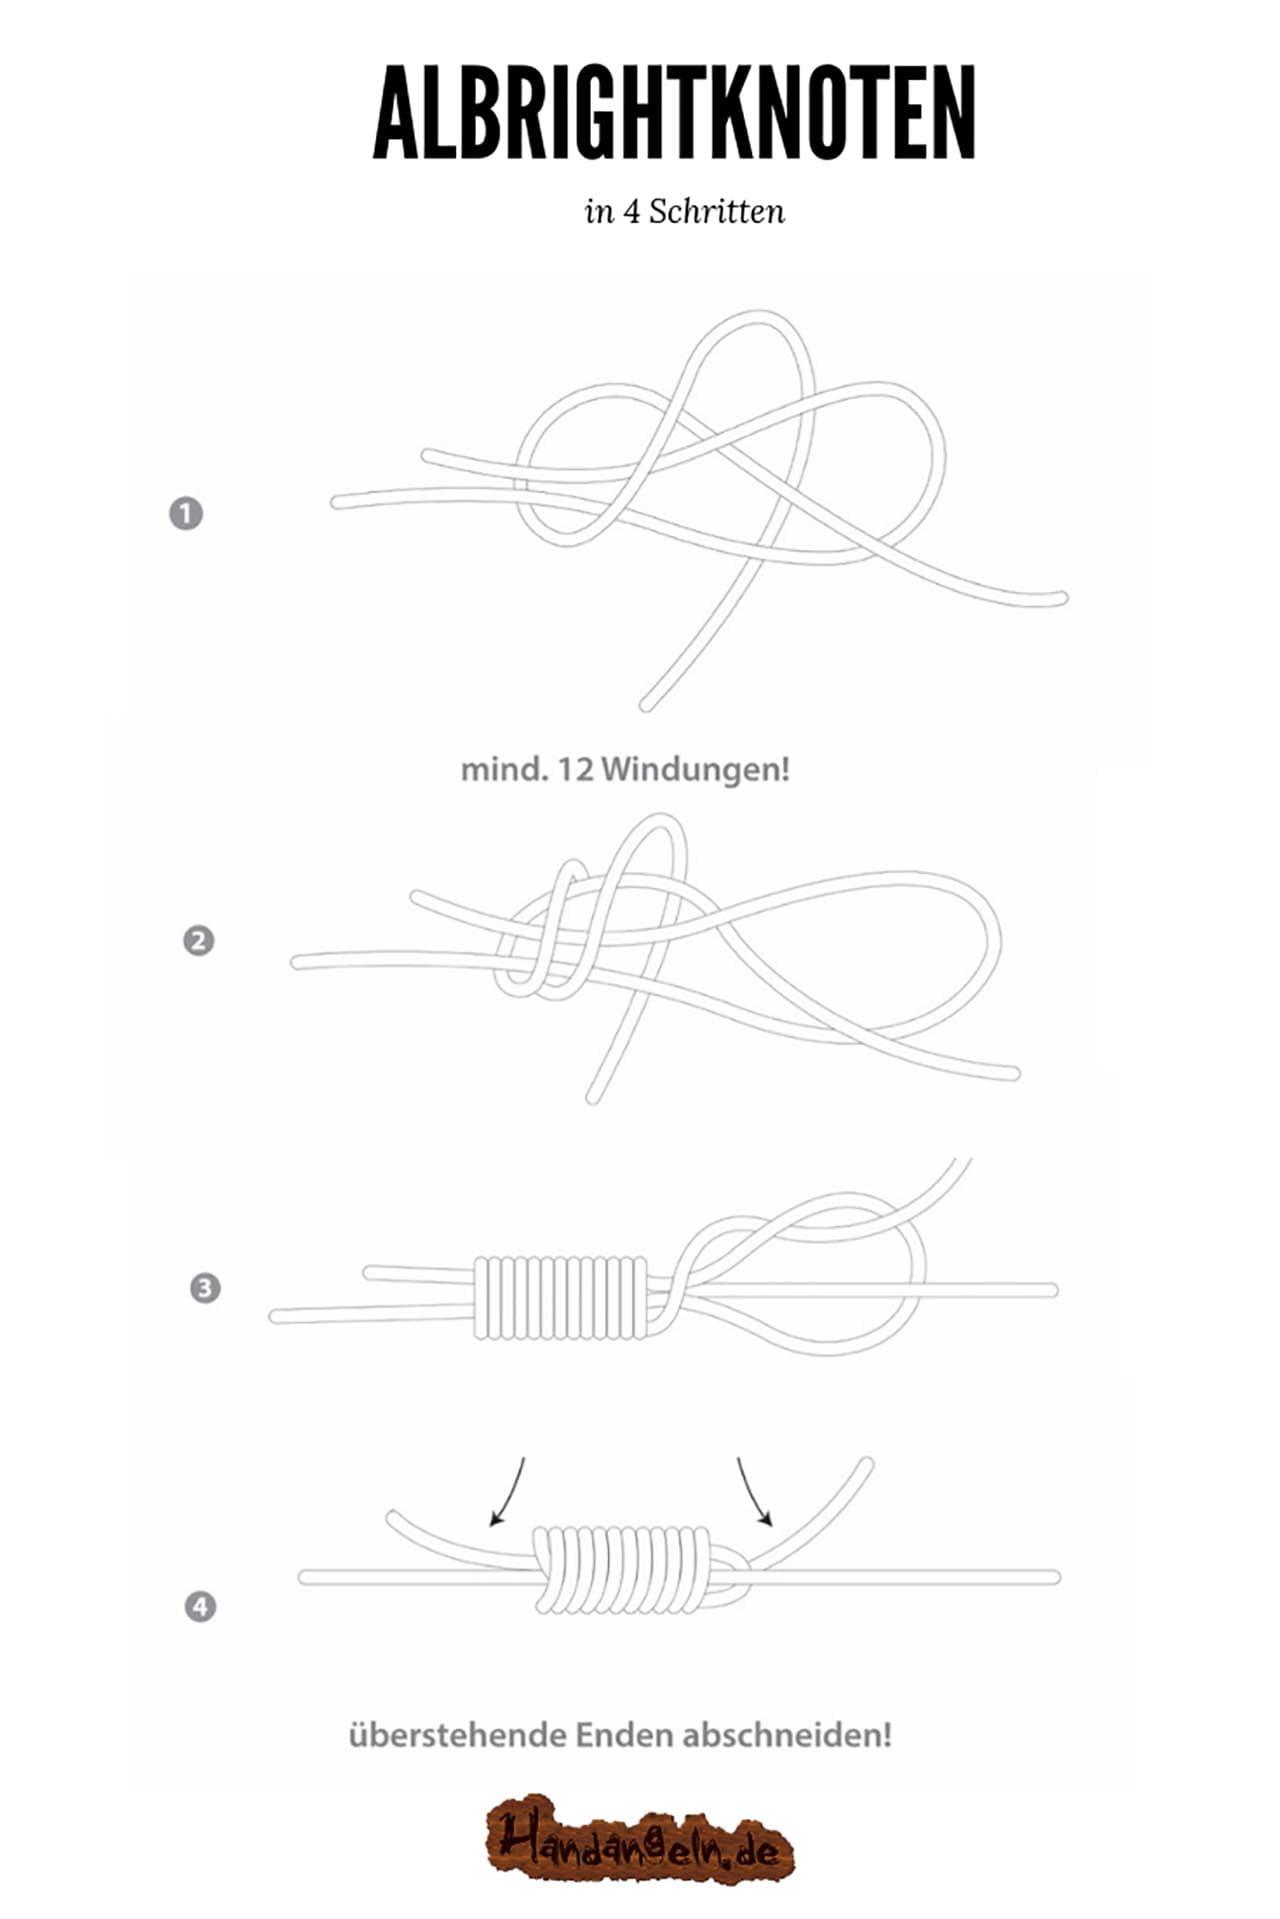 Illustration Montage Albrightknoten unterschiedlich dicke Schnüre